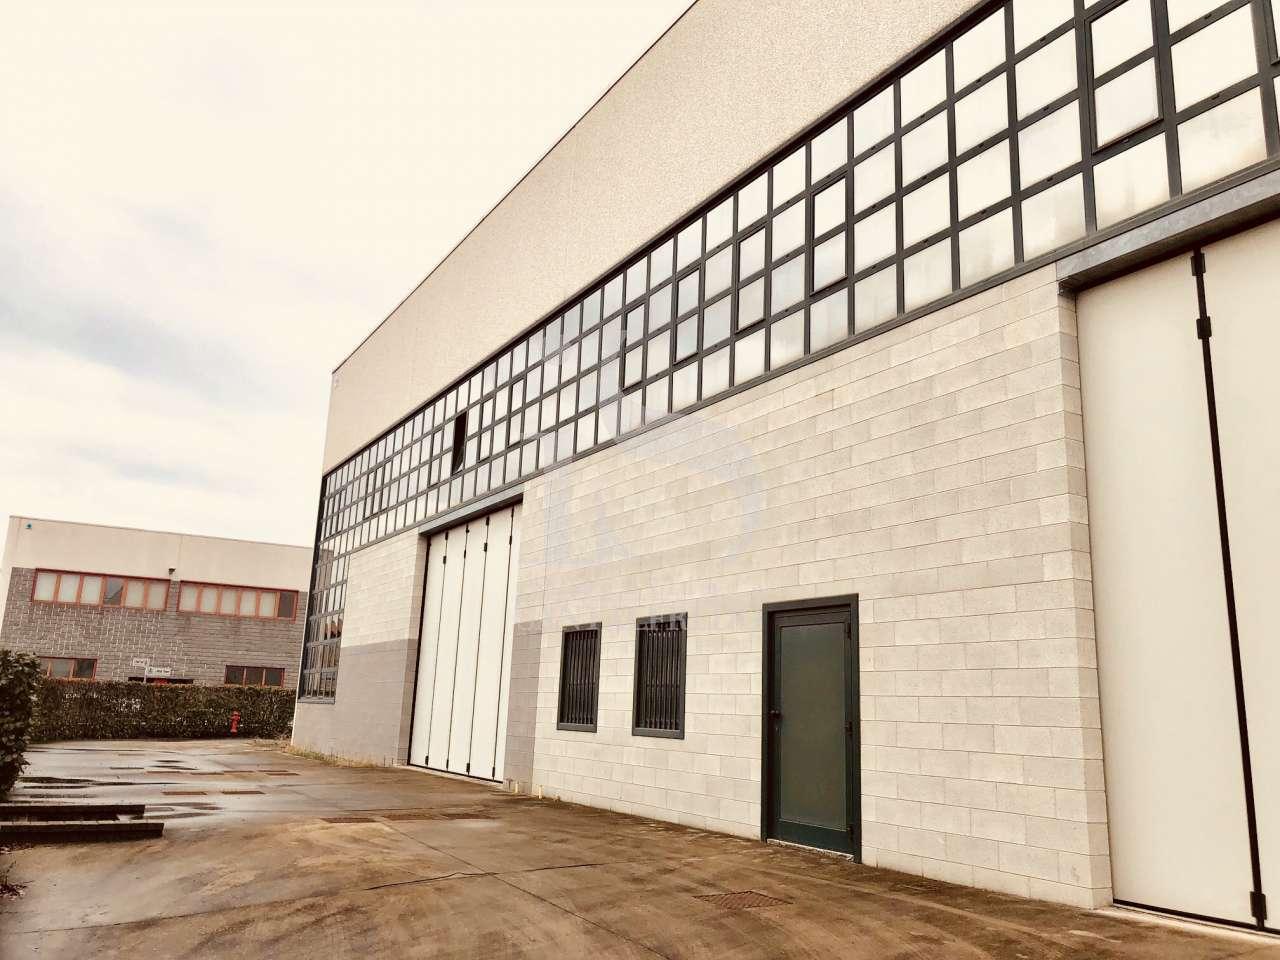 Magazzino - capannone in vendita Rif. 9654098